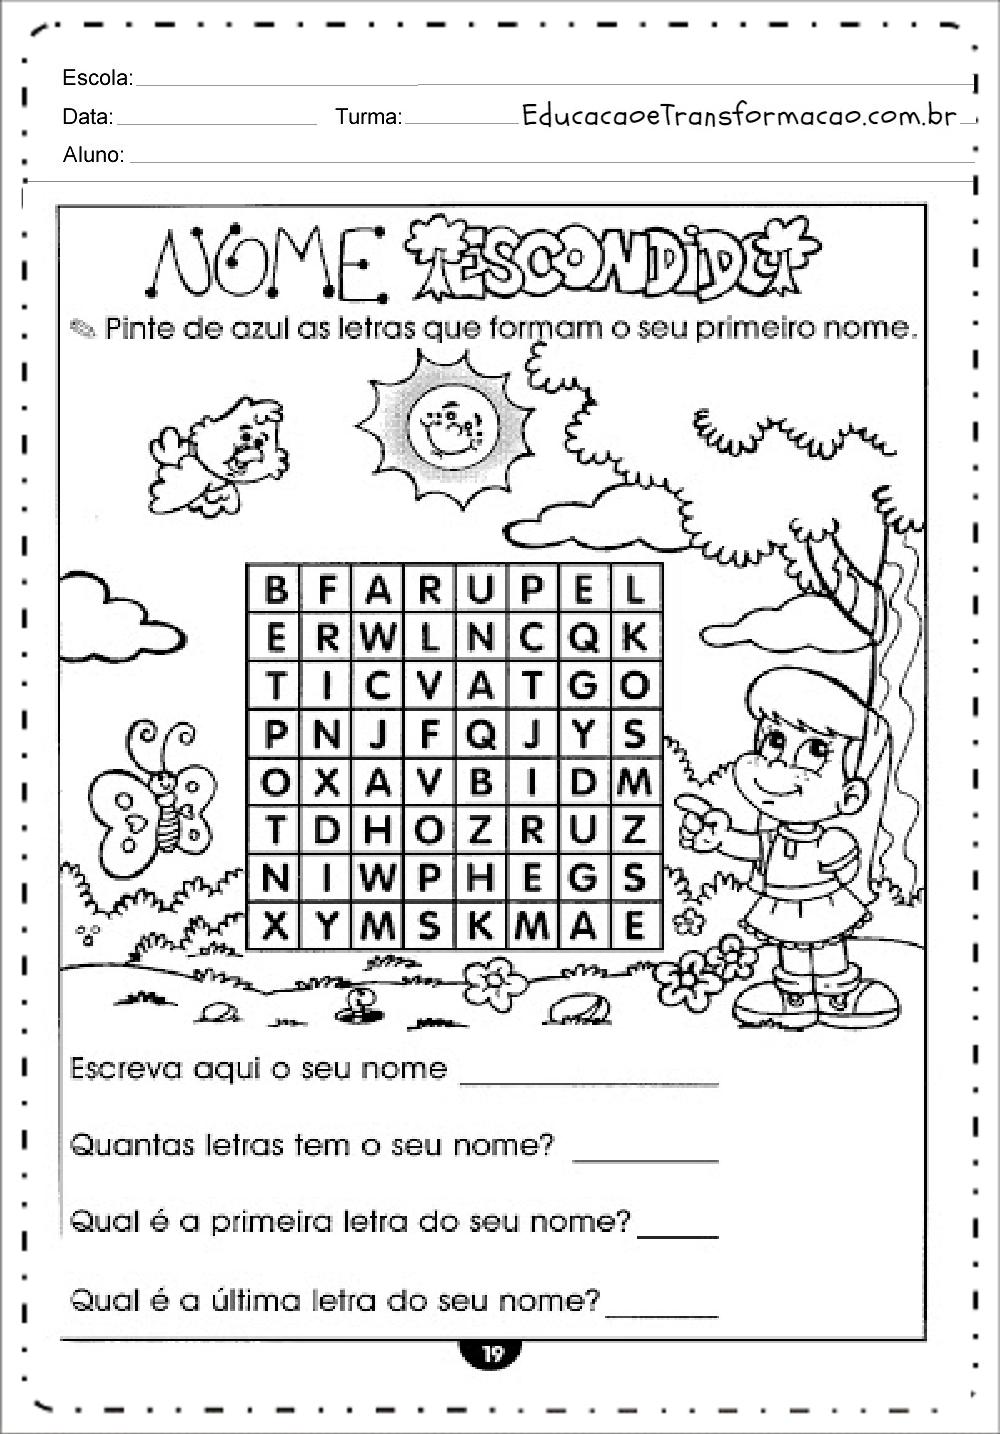 Atividades de Alfabetização Educativas para imprimir gratuitamente.